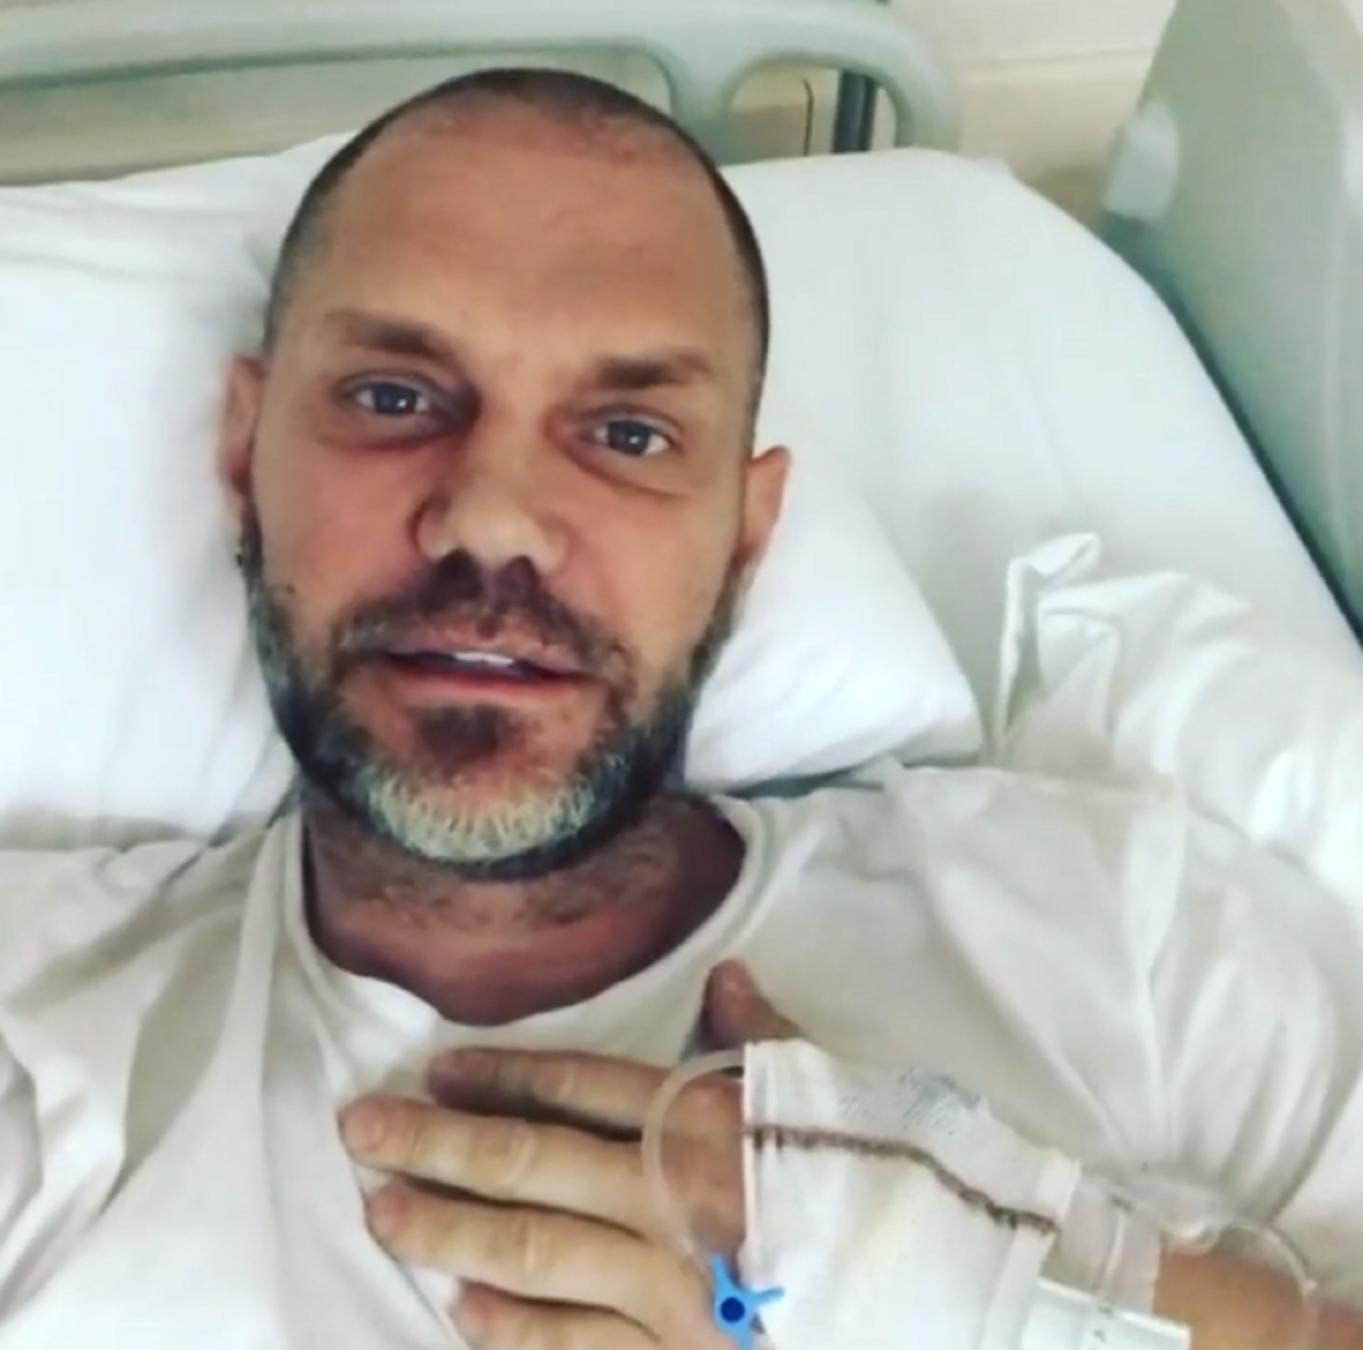 Actor Porno Famoso Español el actor porno nacho vidal, ingresado en un hospital